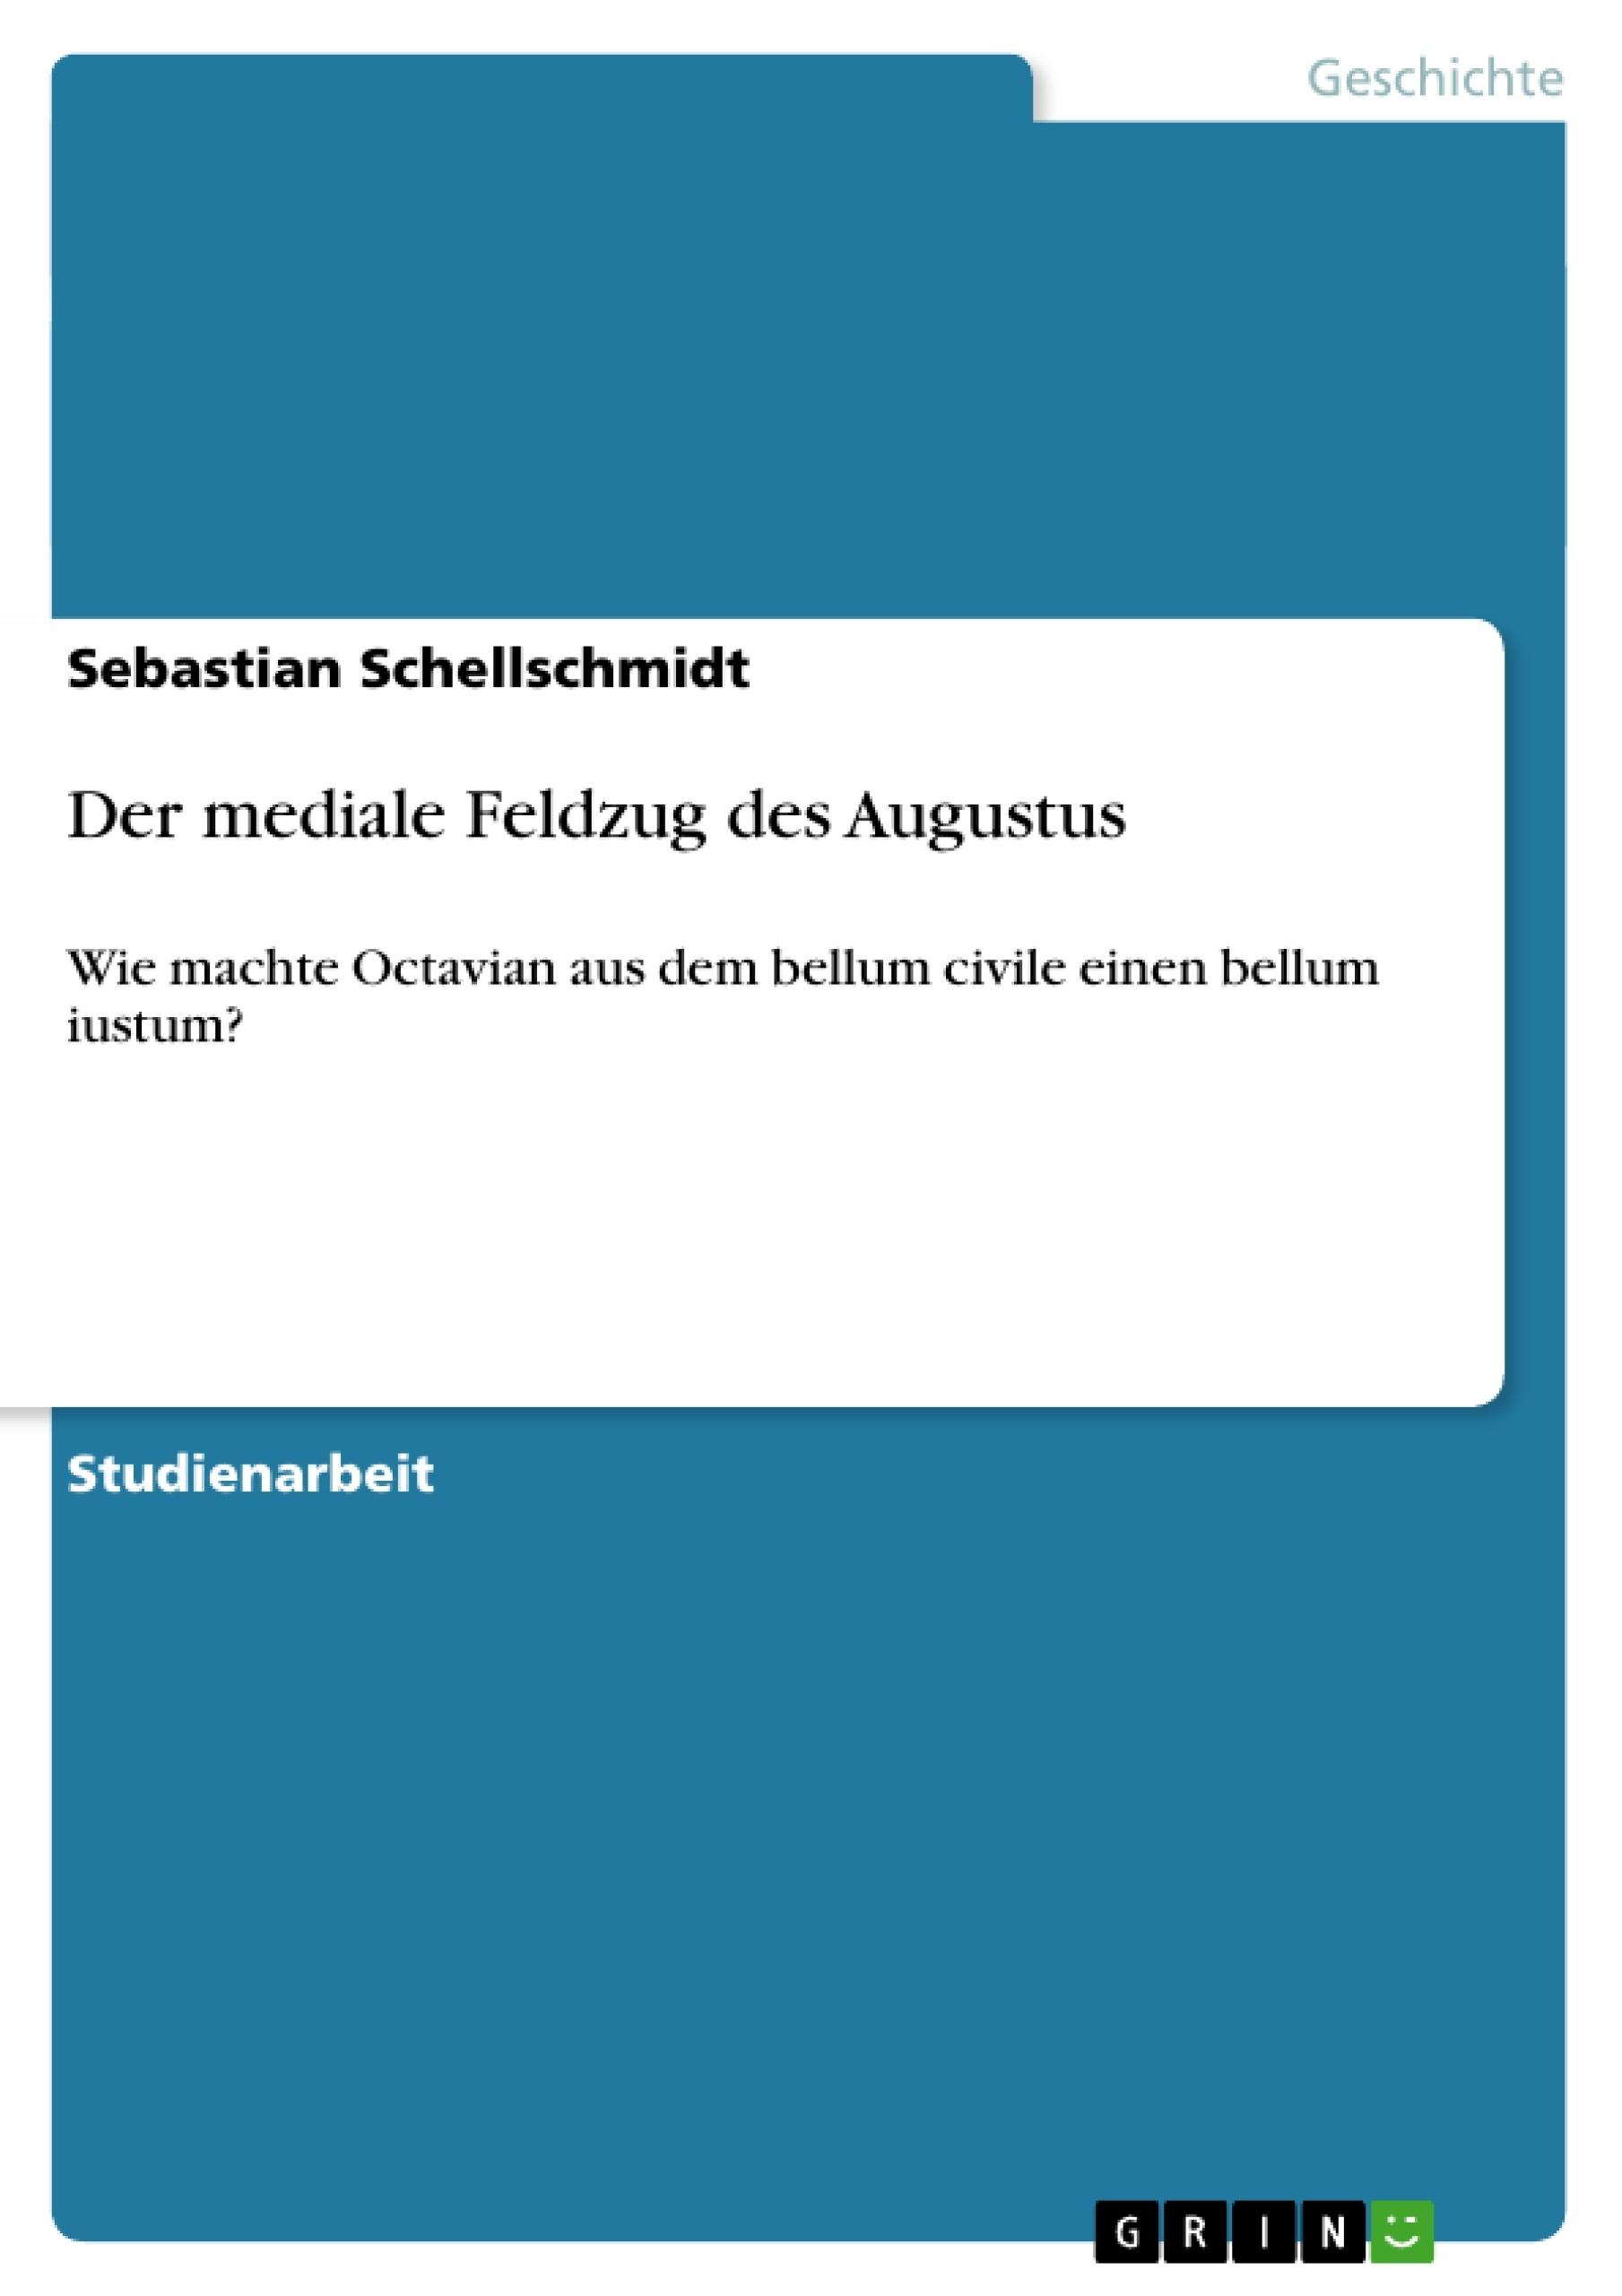 Titel: Der mediale Feldzug des Augustus